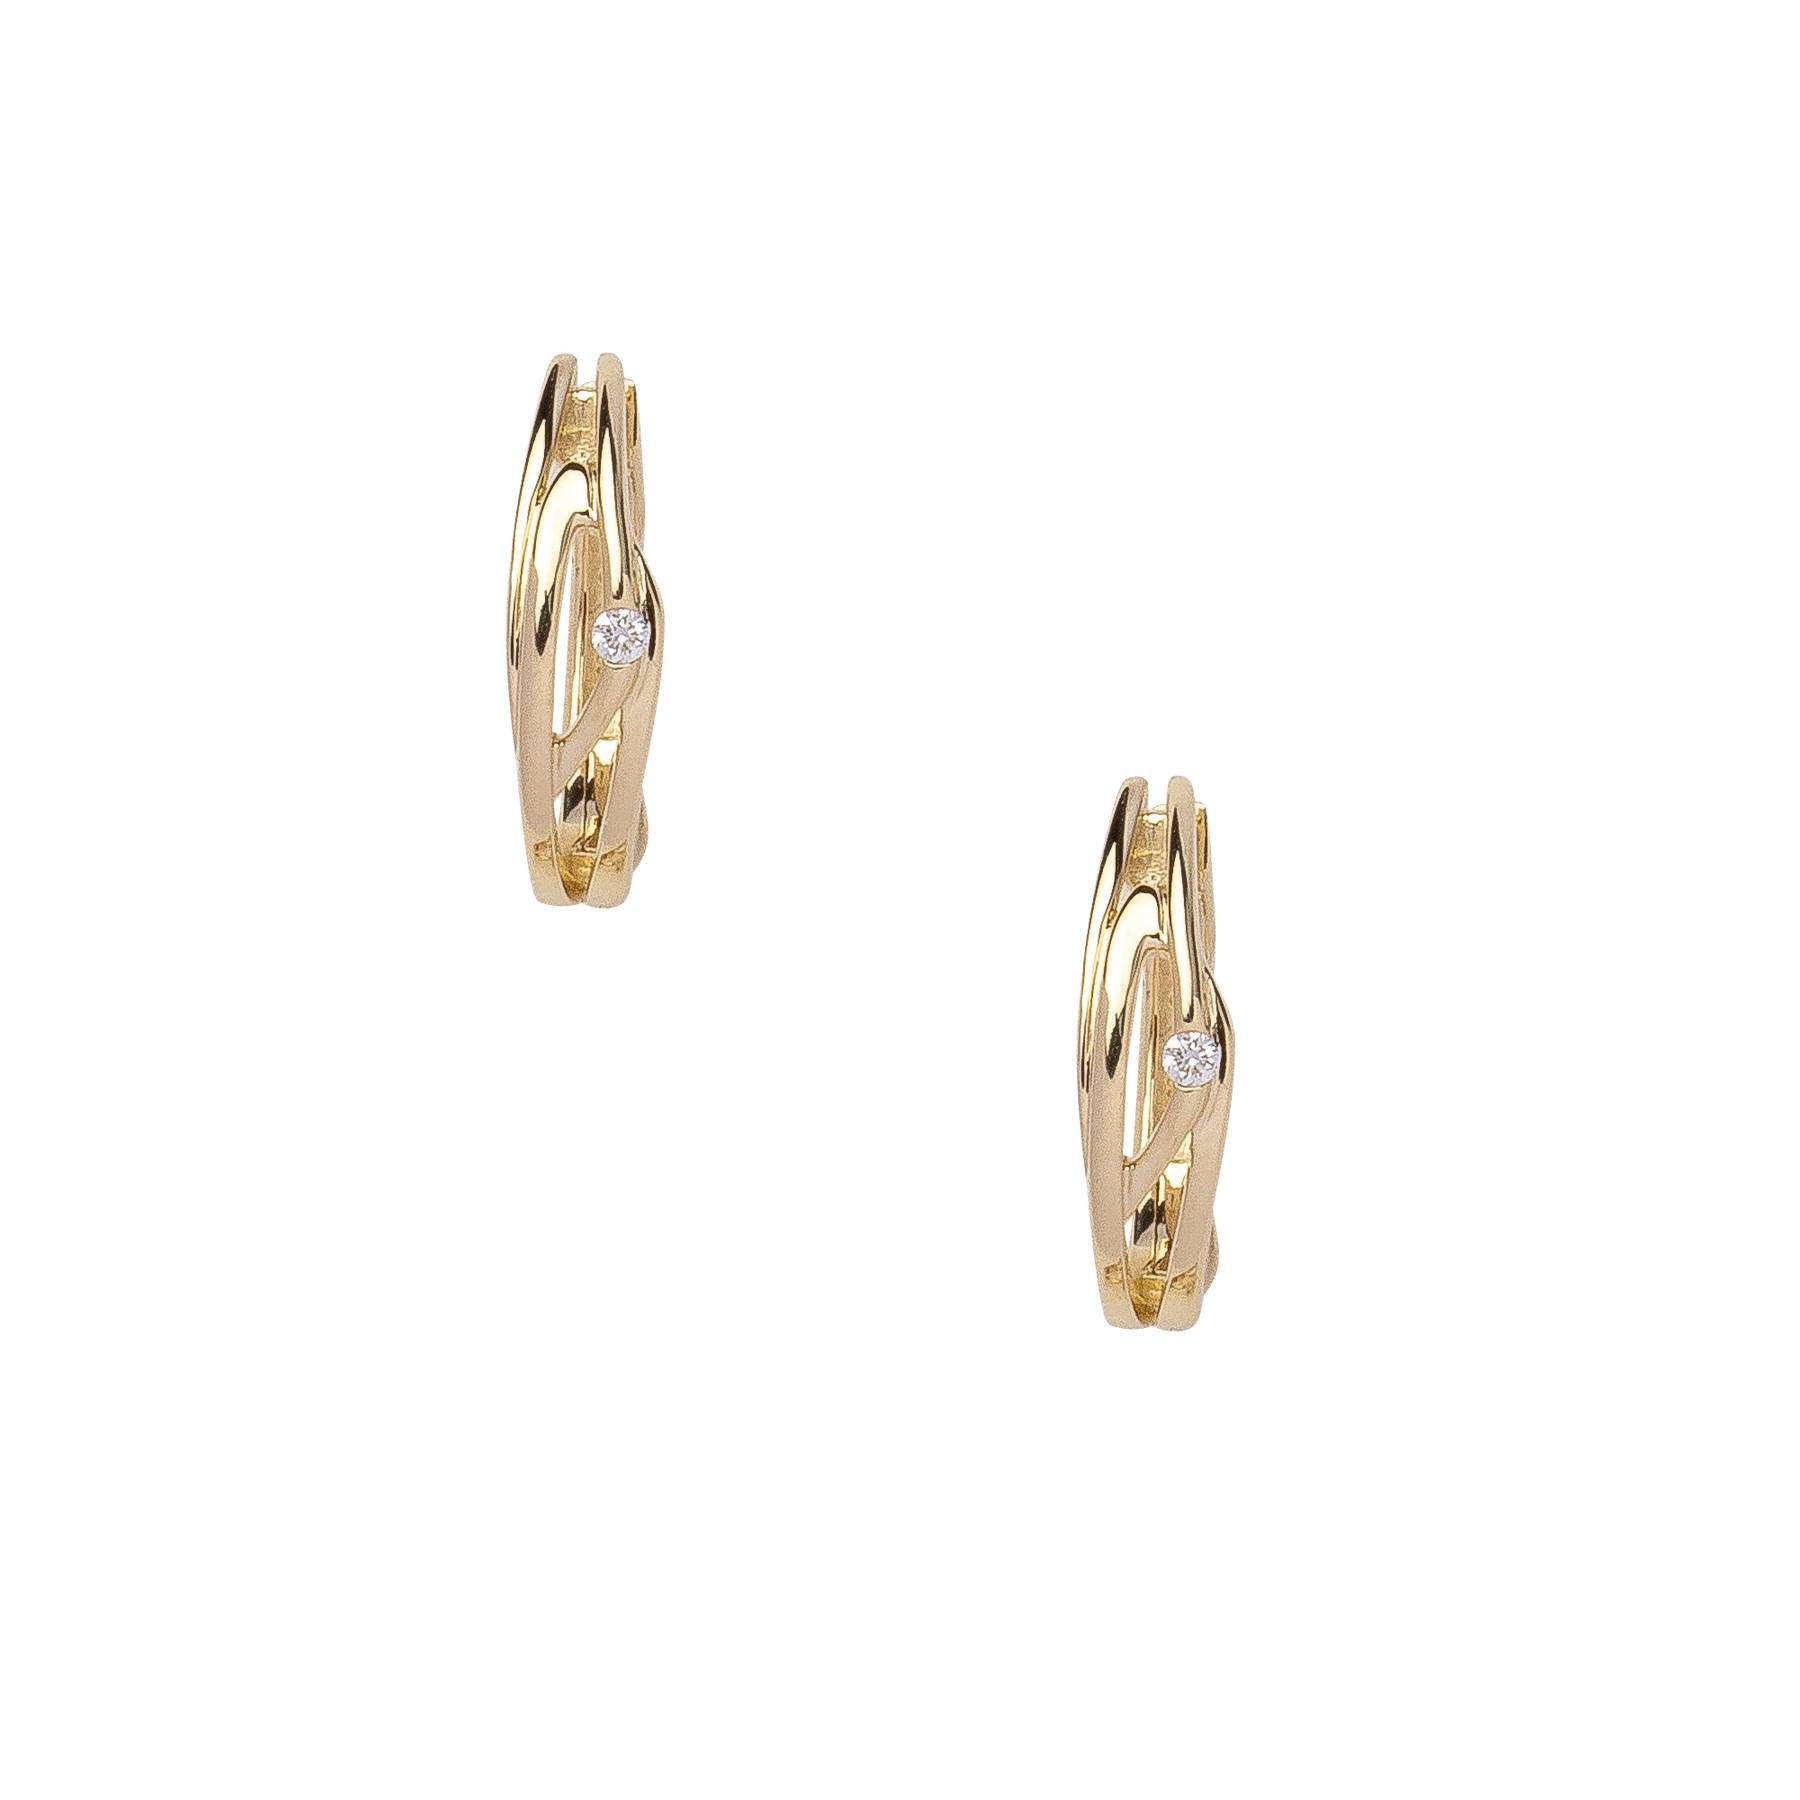 Eder Goldschmuck Gold Creolen 14kt 585 er Gelbgold mit echtem Brillant 05.EG200